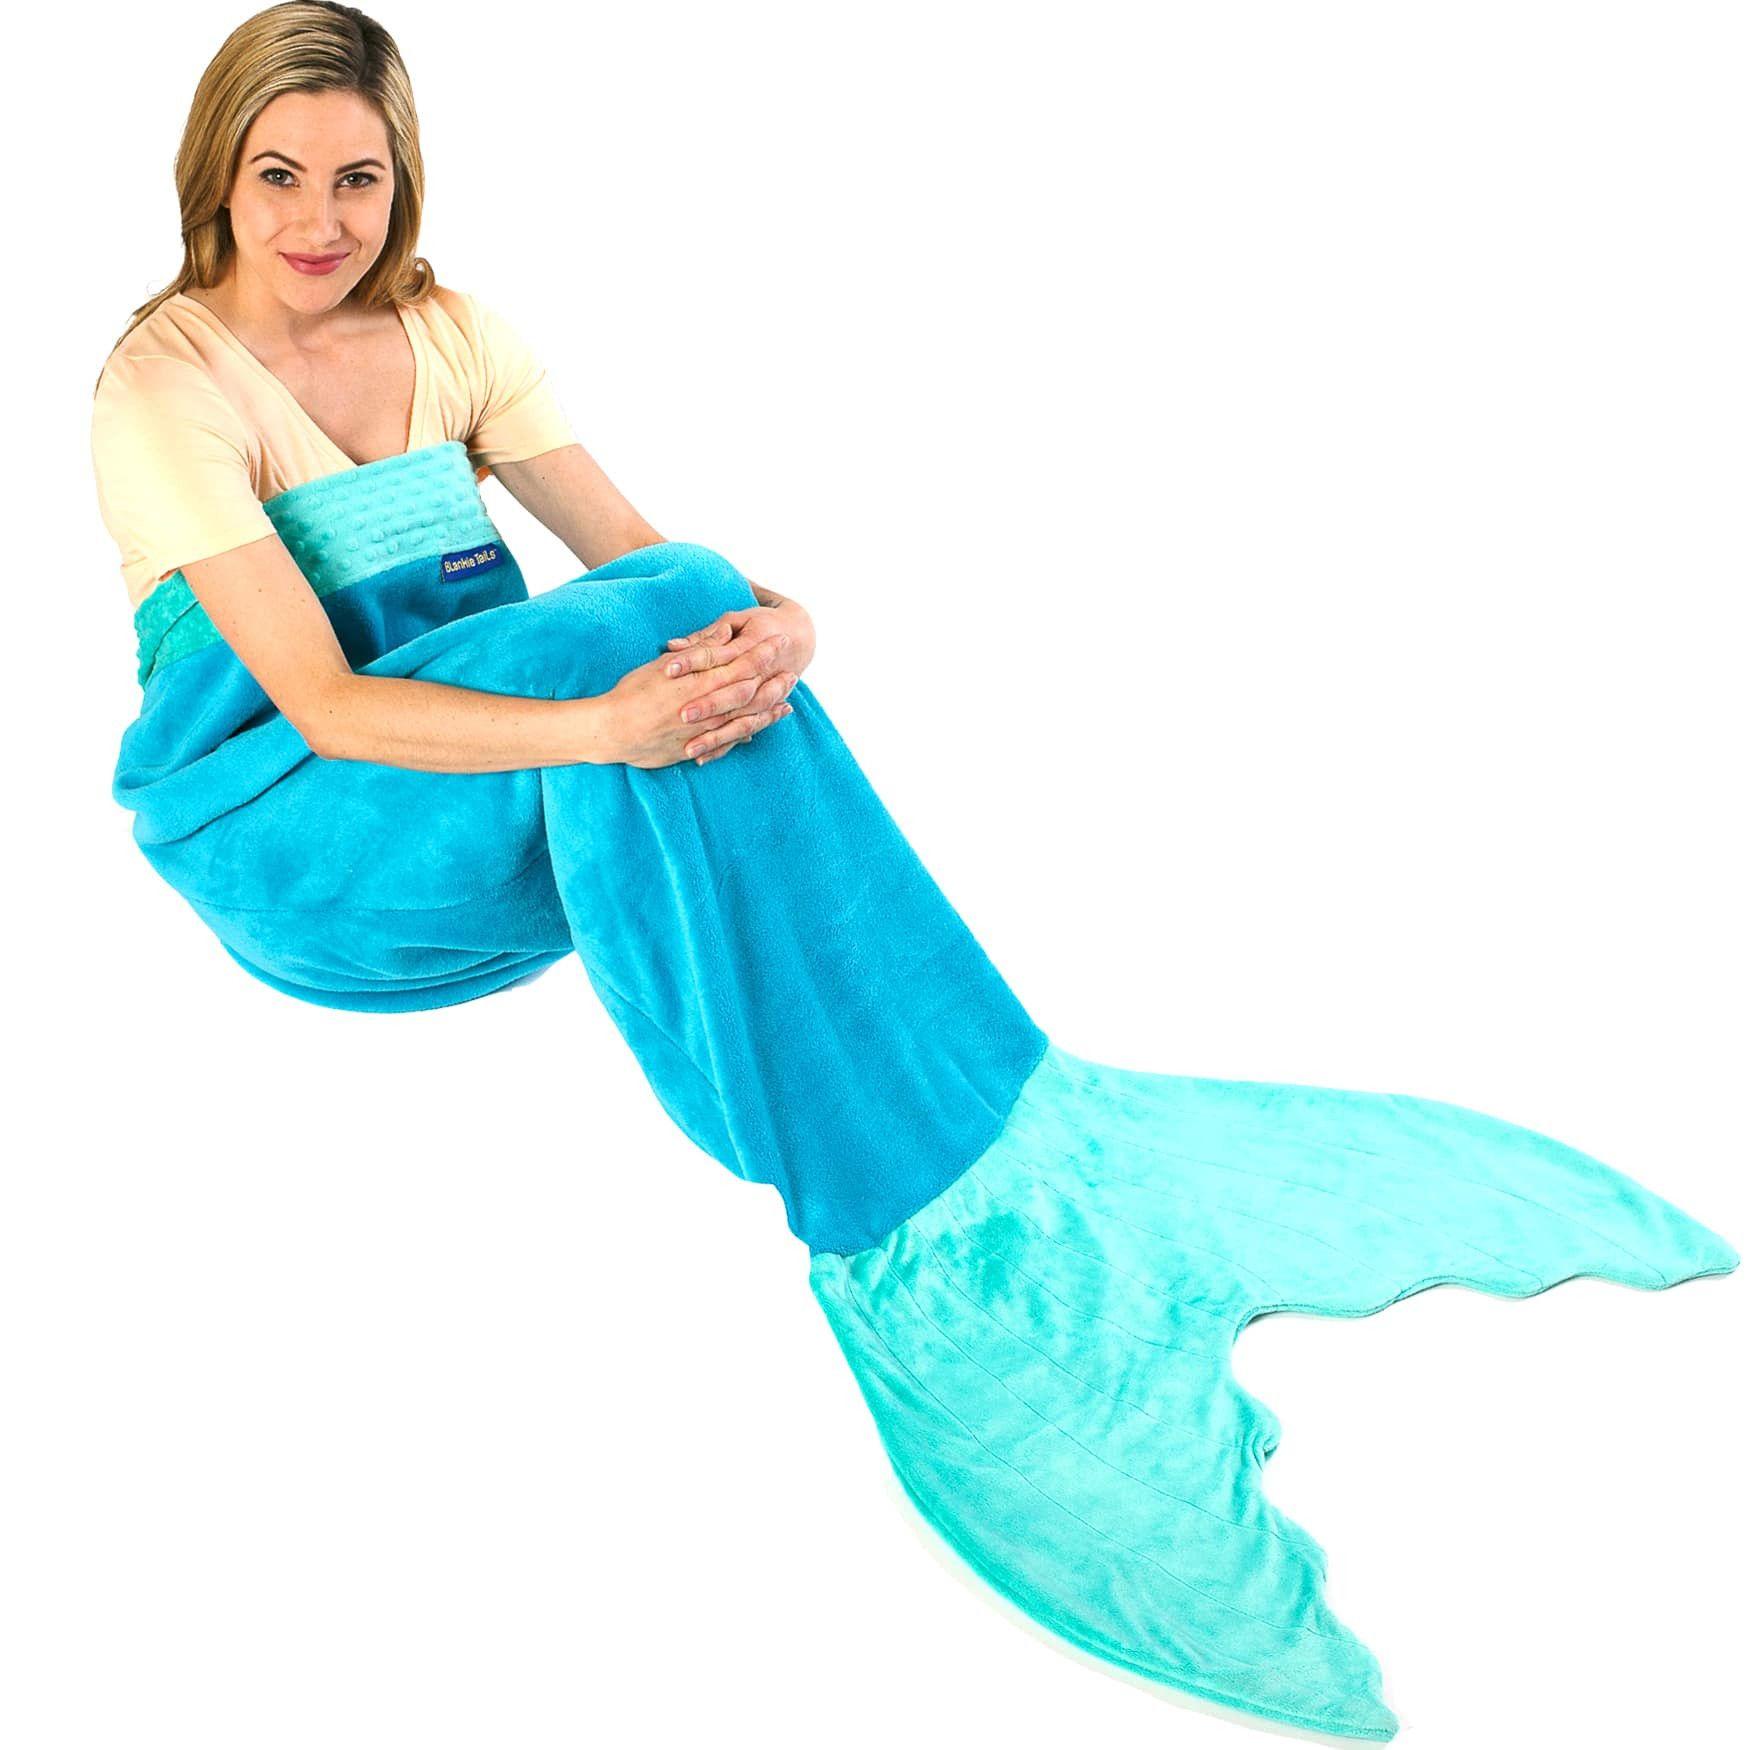 Adult/Teen Mermaid Blanket by Blankie Tails® - Assorted Colors